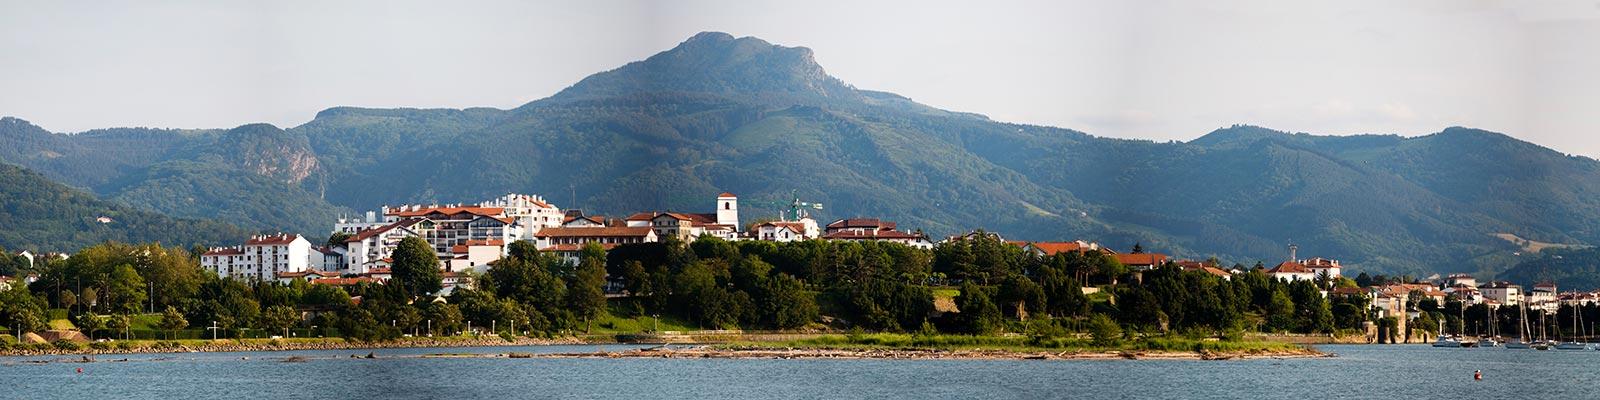 restaurant sur la côte basque